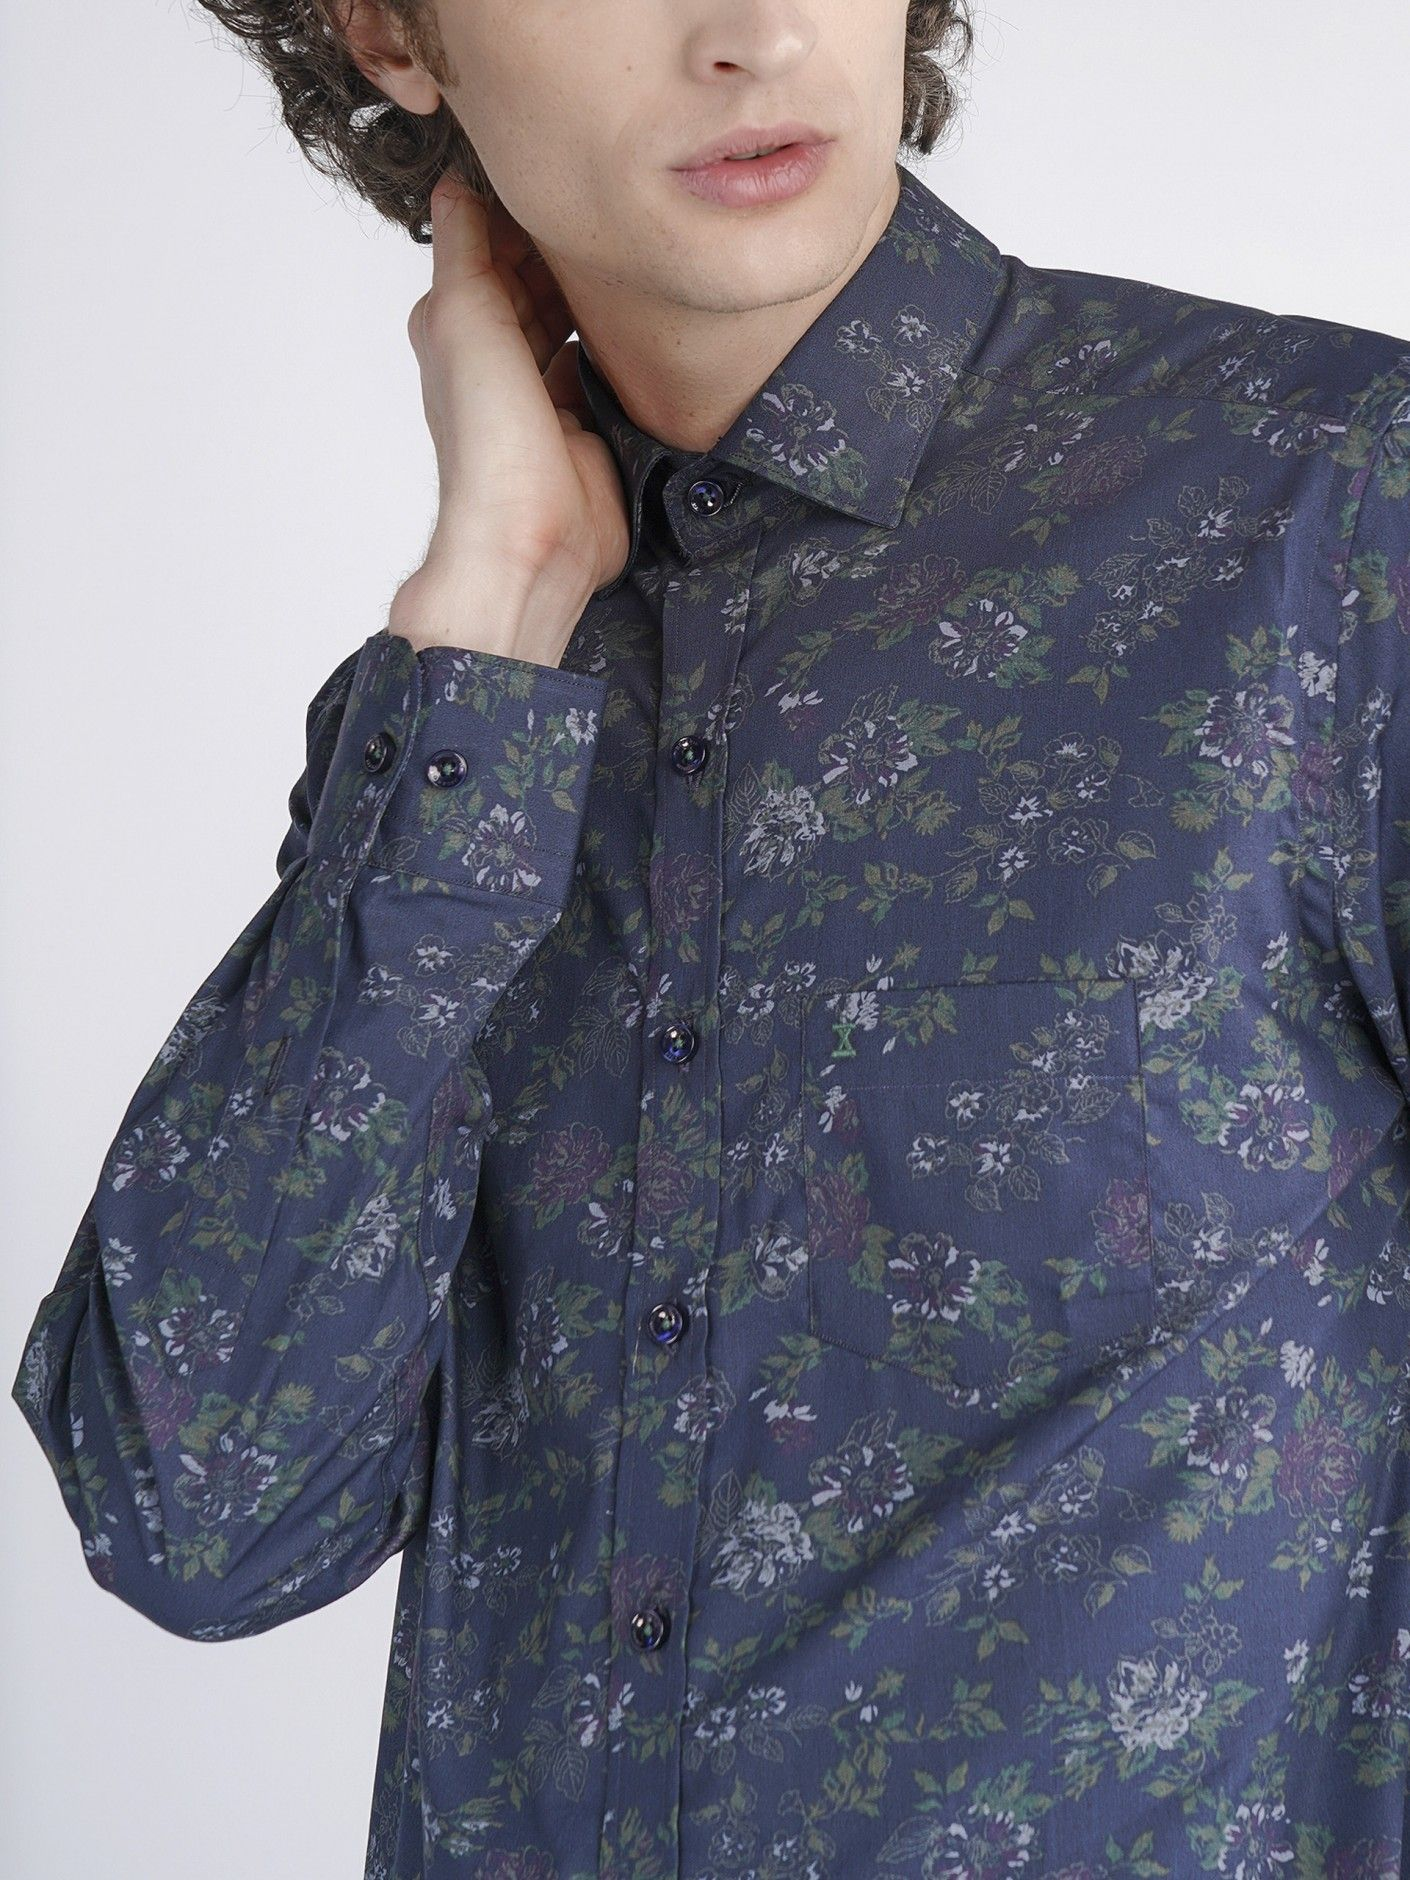 Camisa com padrão flores Decenio